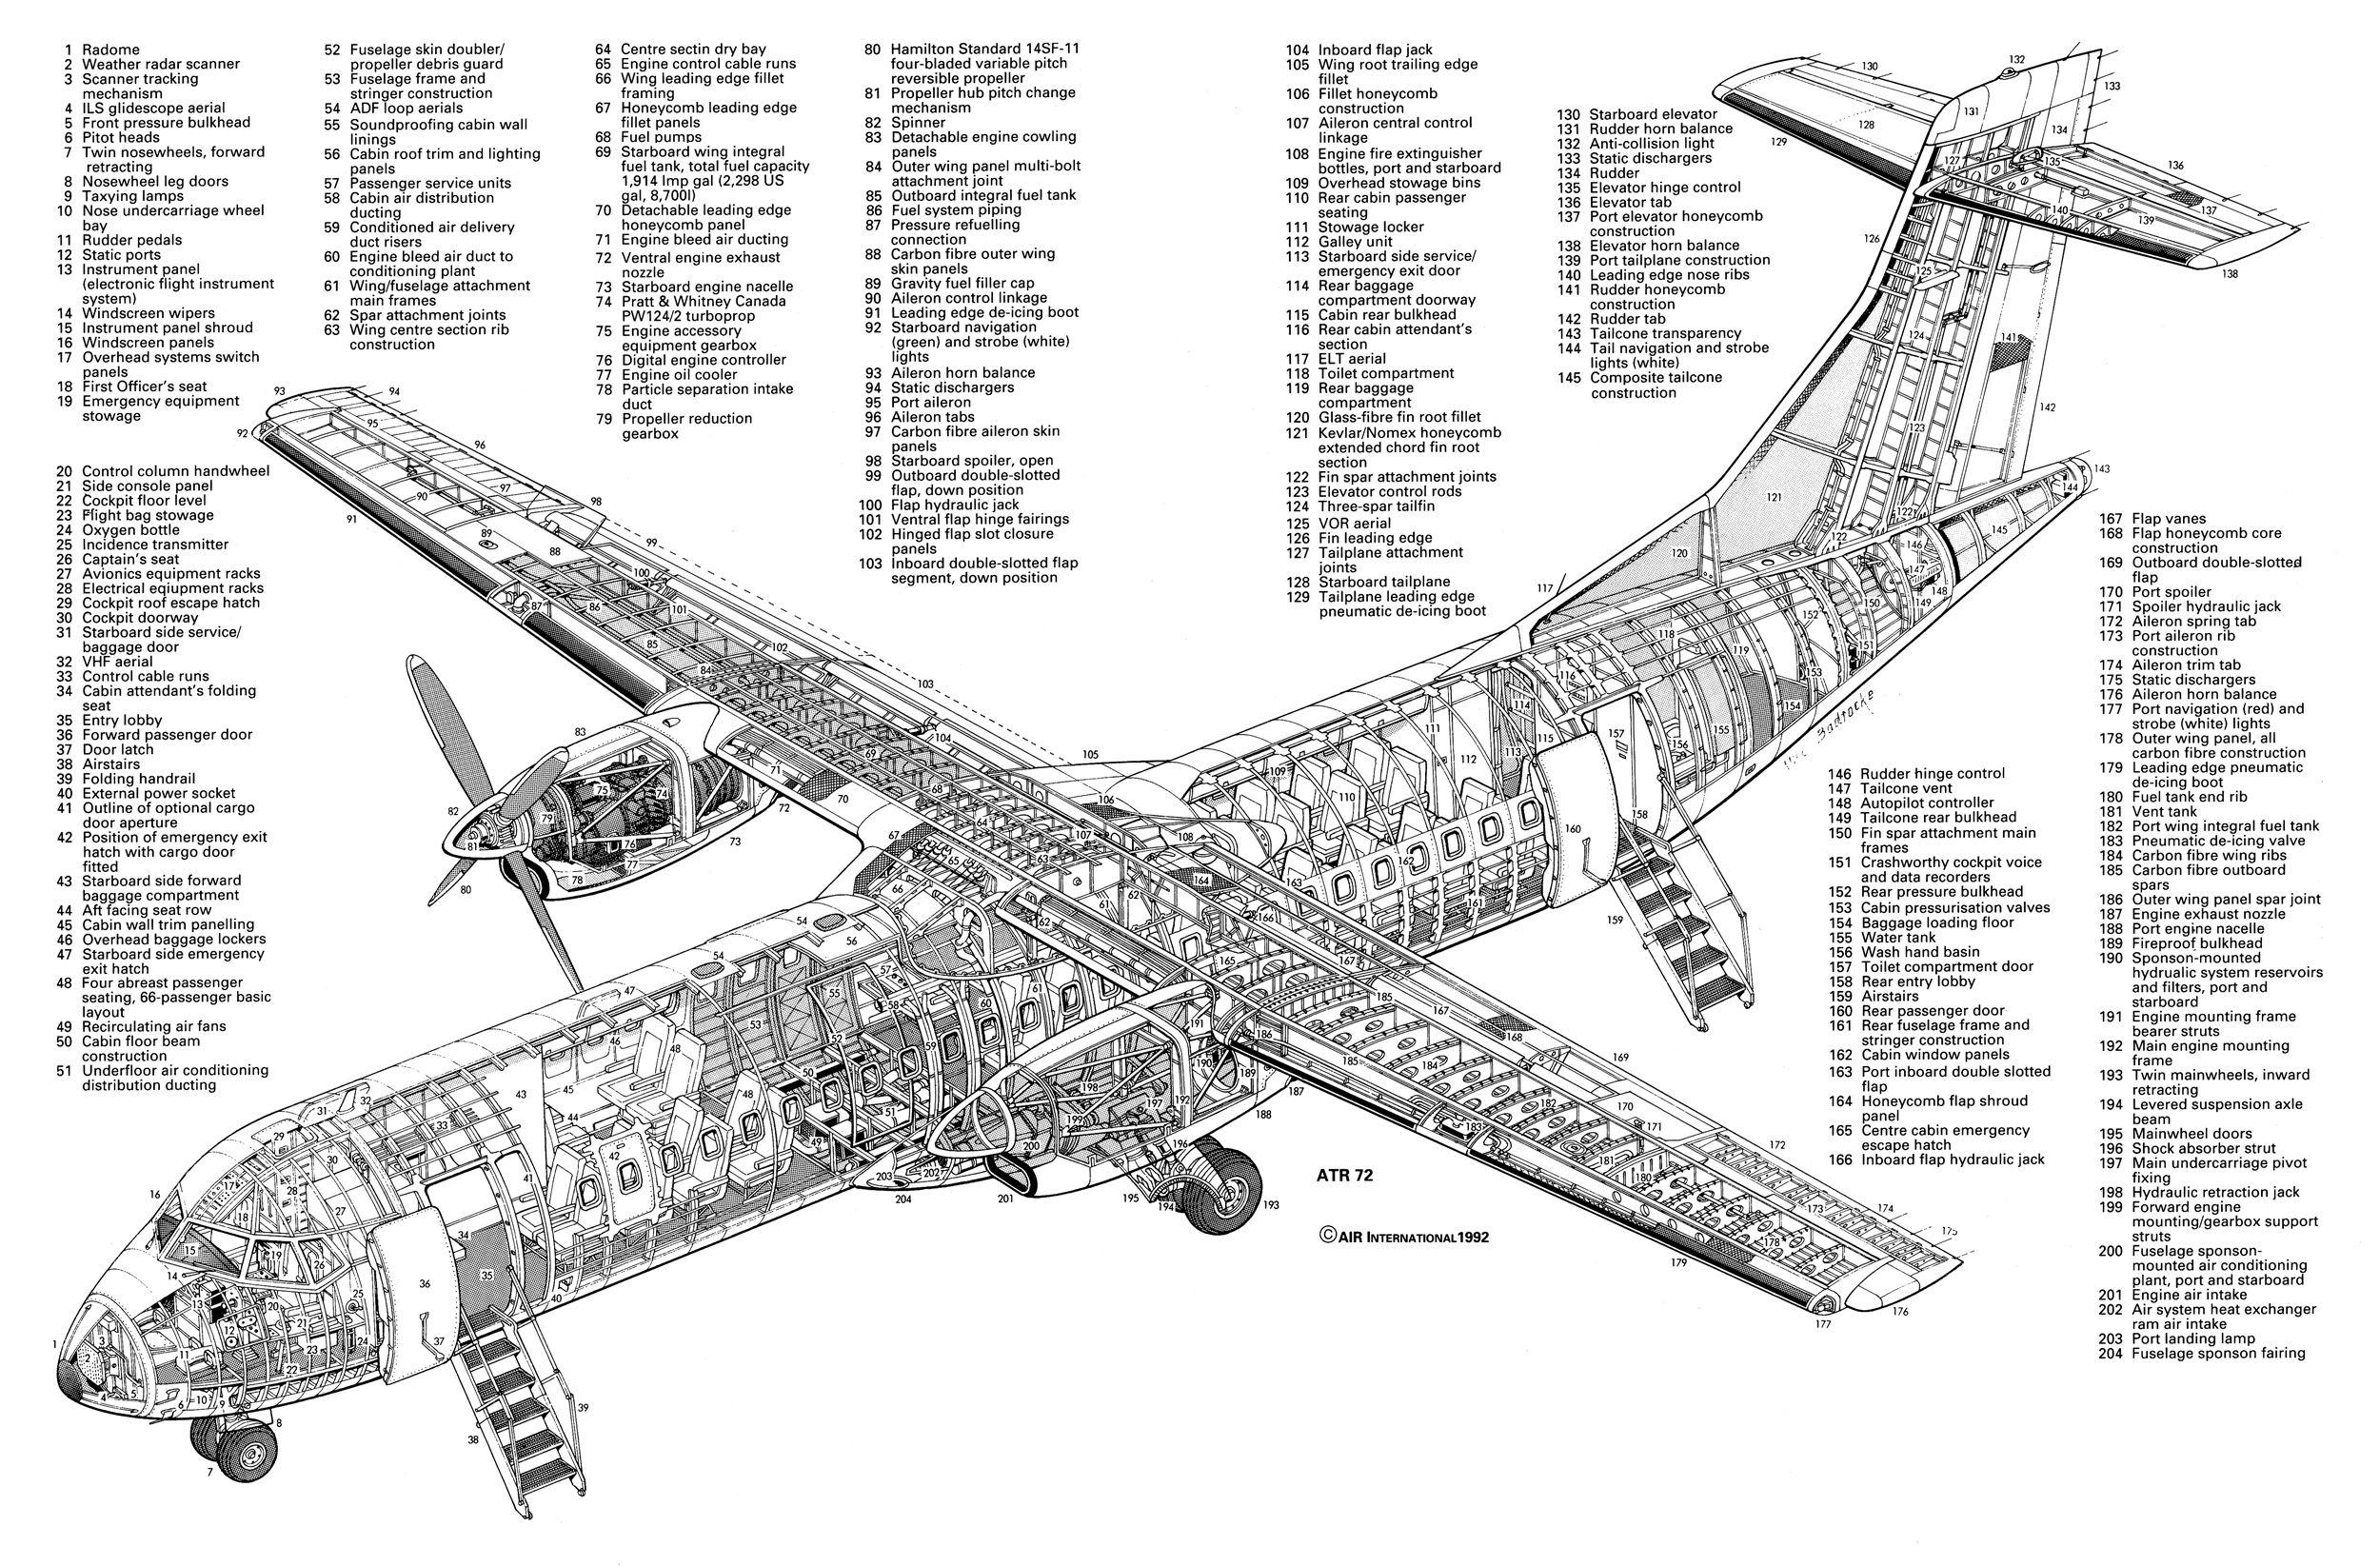 Atr 72 And Other Cutaways Com Imagens